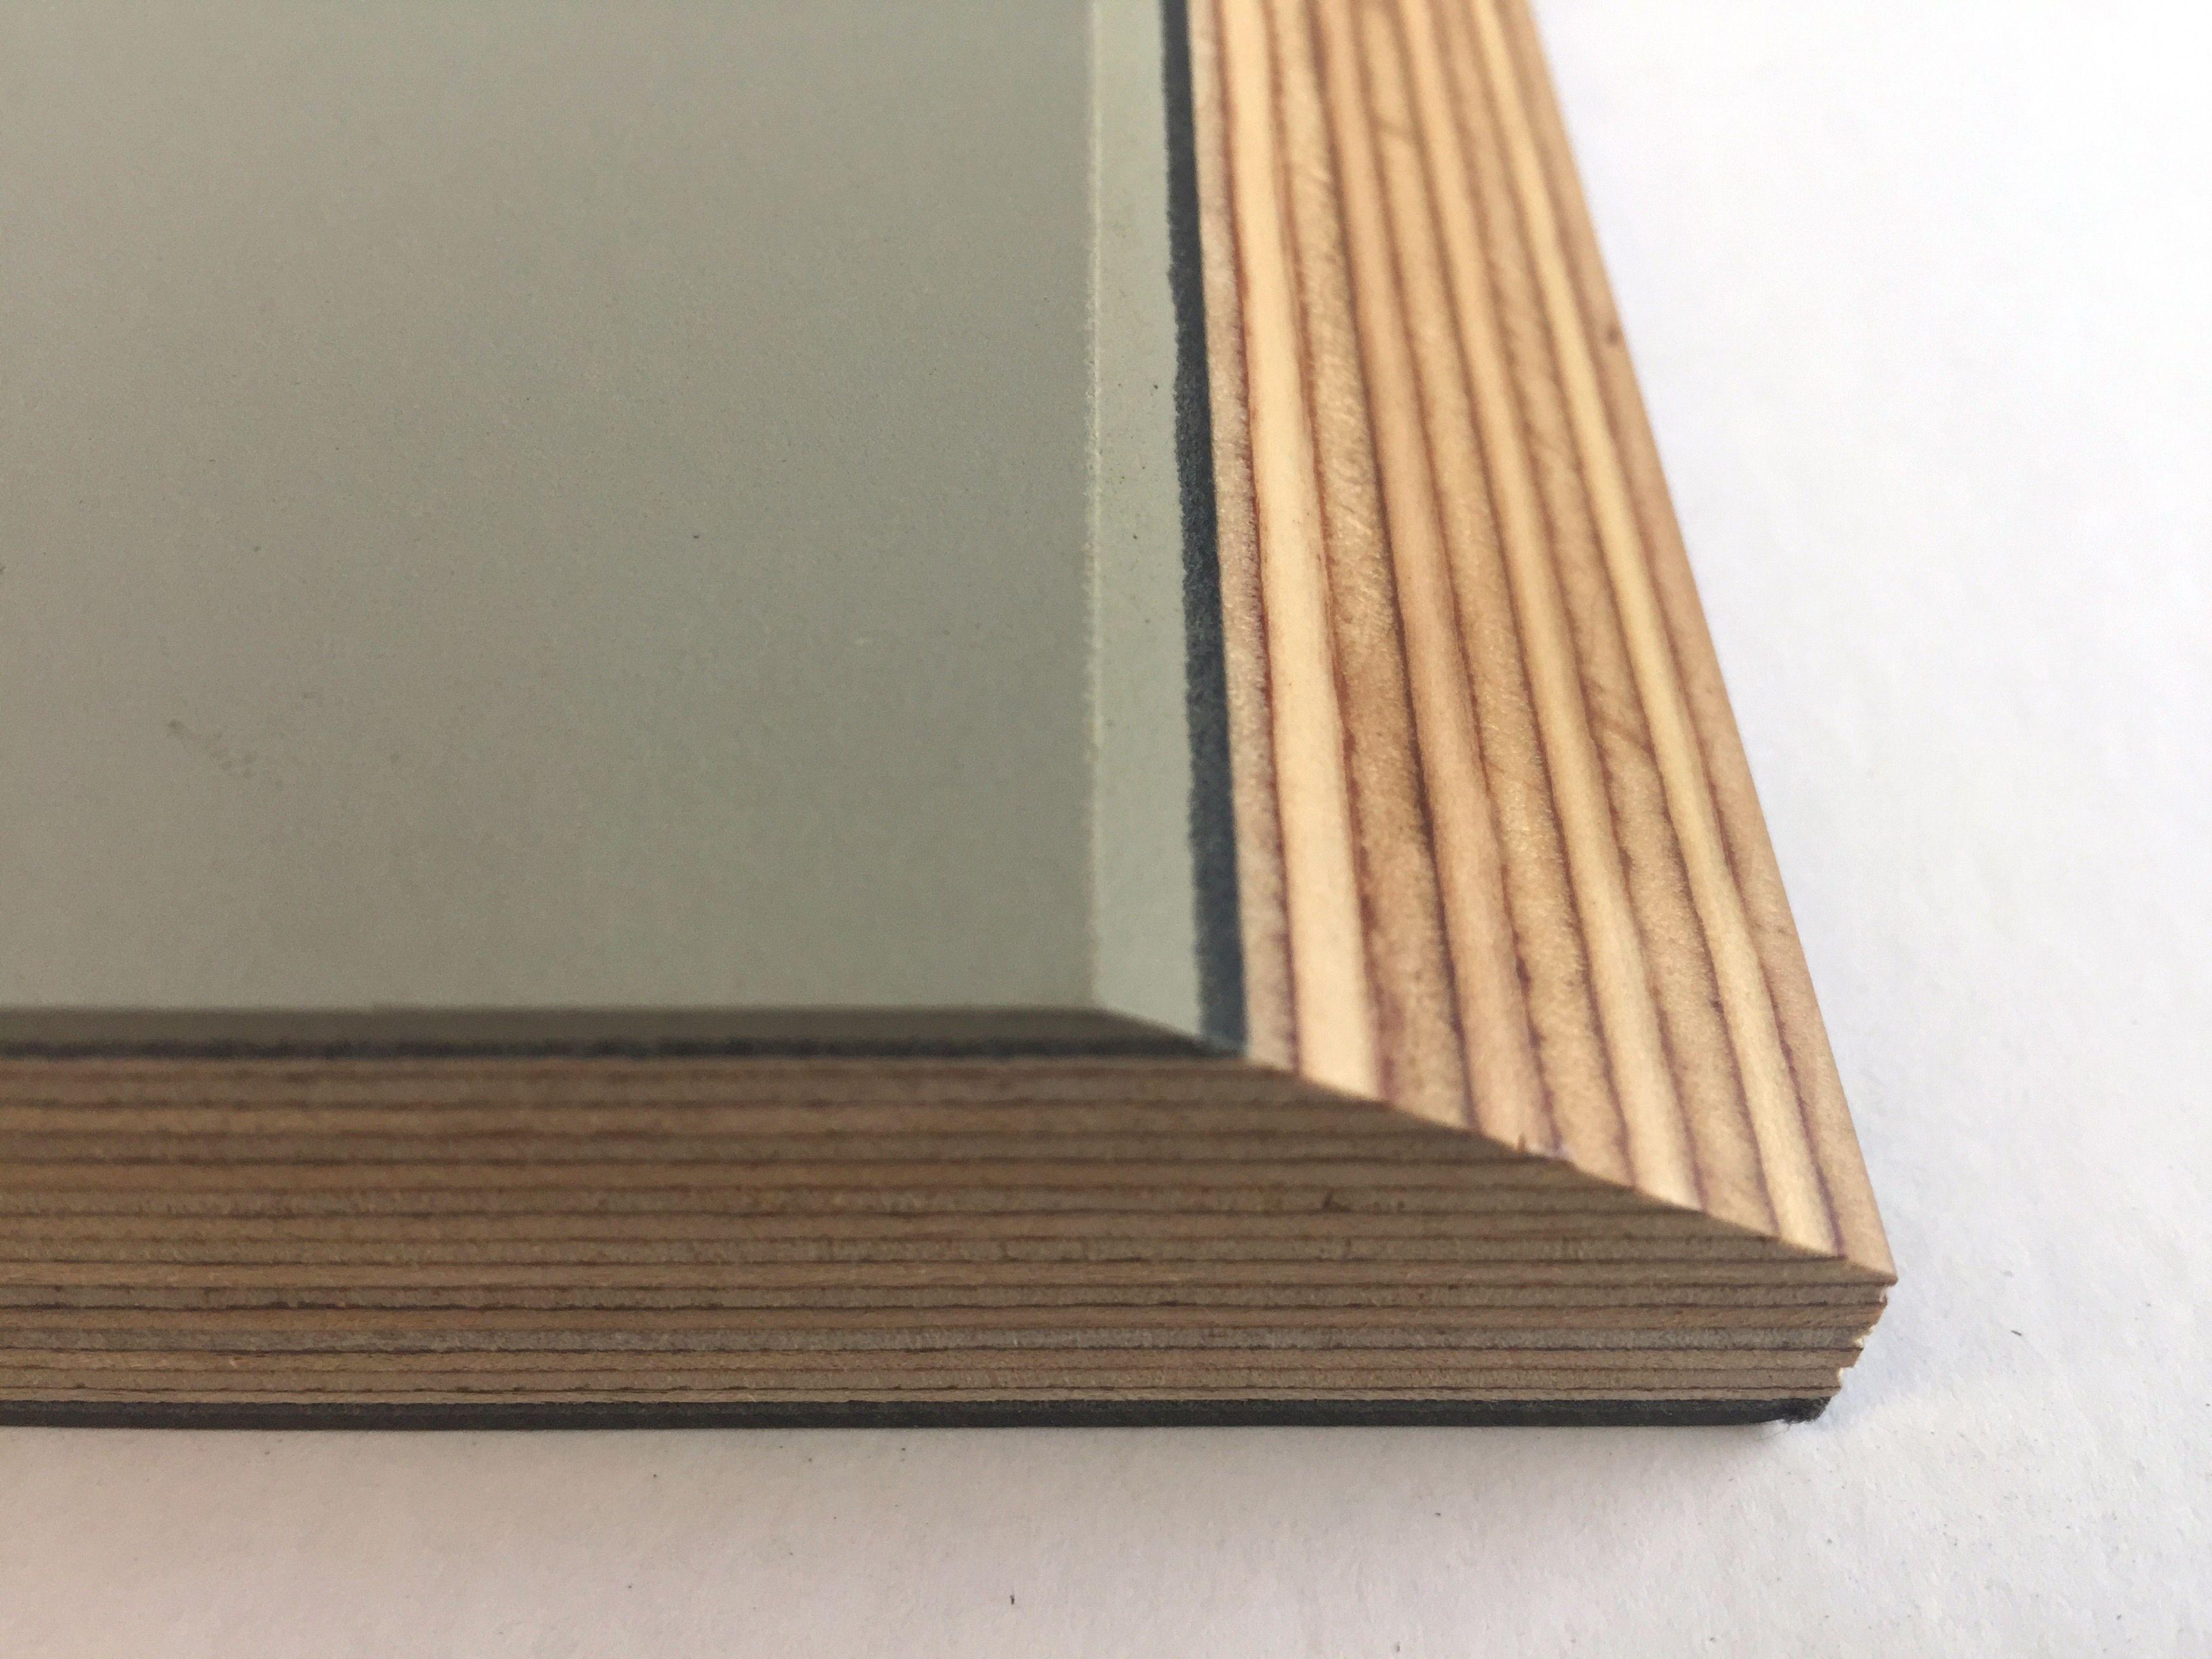 Furniture Linoleum Color Olive 4184 Applied On Multiplex With A Bevelled Edge Forboforfurniture Linoleum Plywood Design Wood Resin